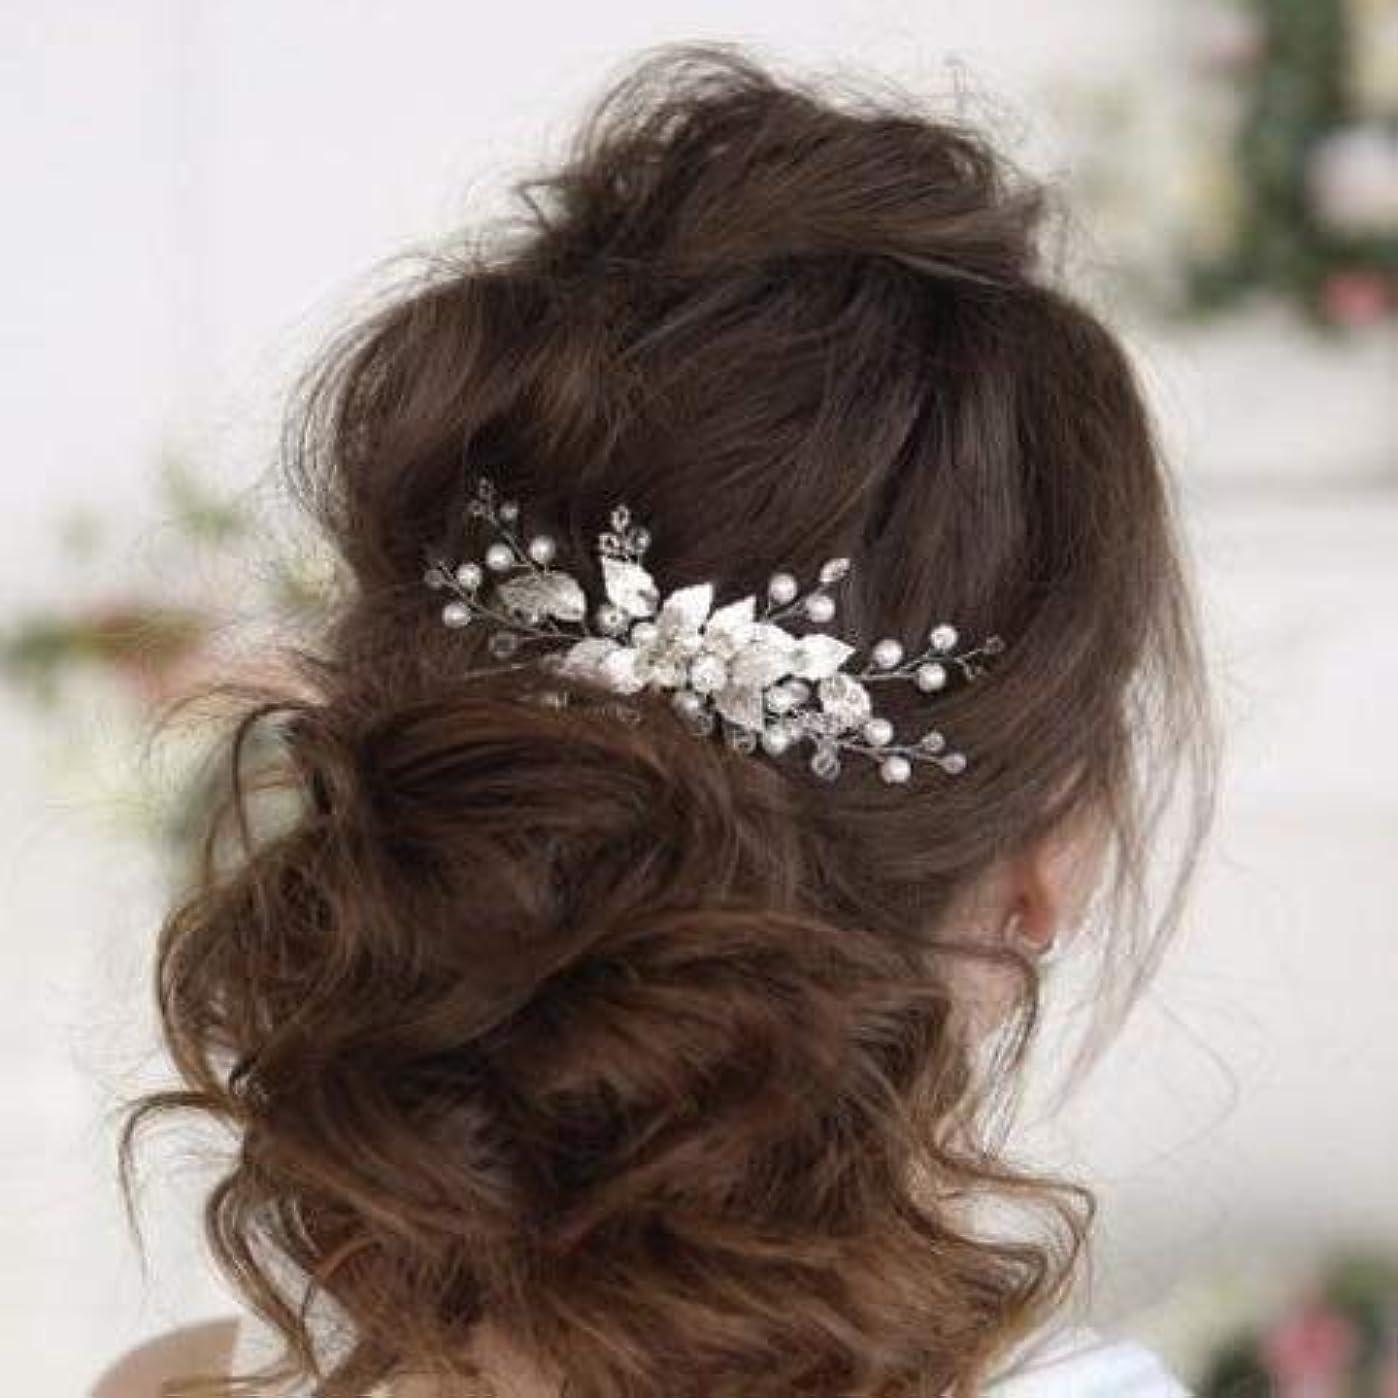 スクラッチ粒子マージンKercisbeauty Boho Wedding Bridal Hair Comb Clips Decorative Headband with Crystal Leaf Rhinestones for Brides...